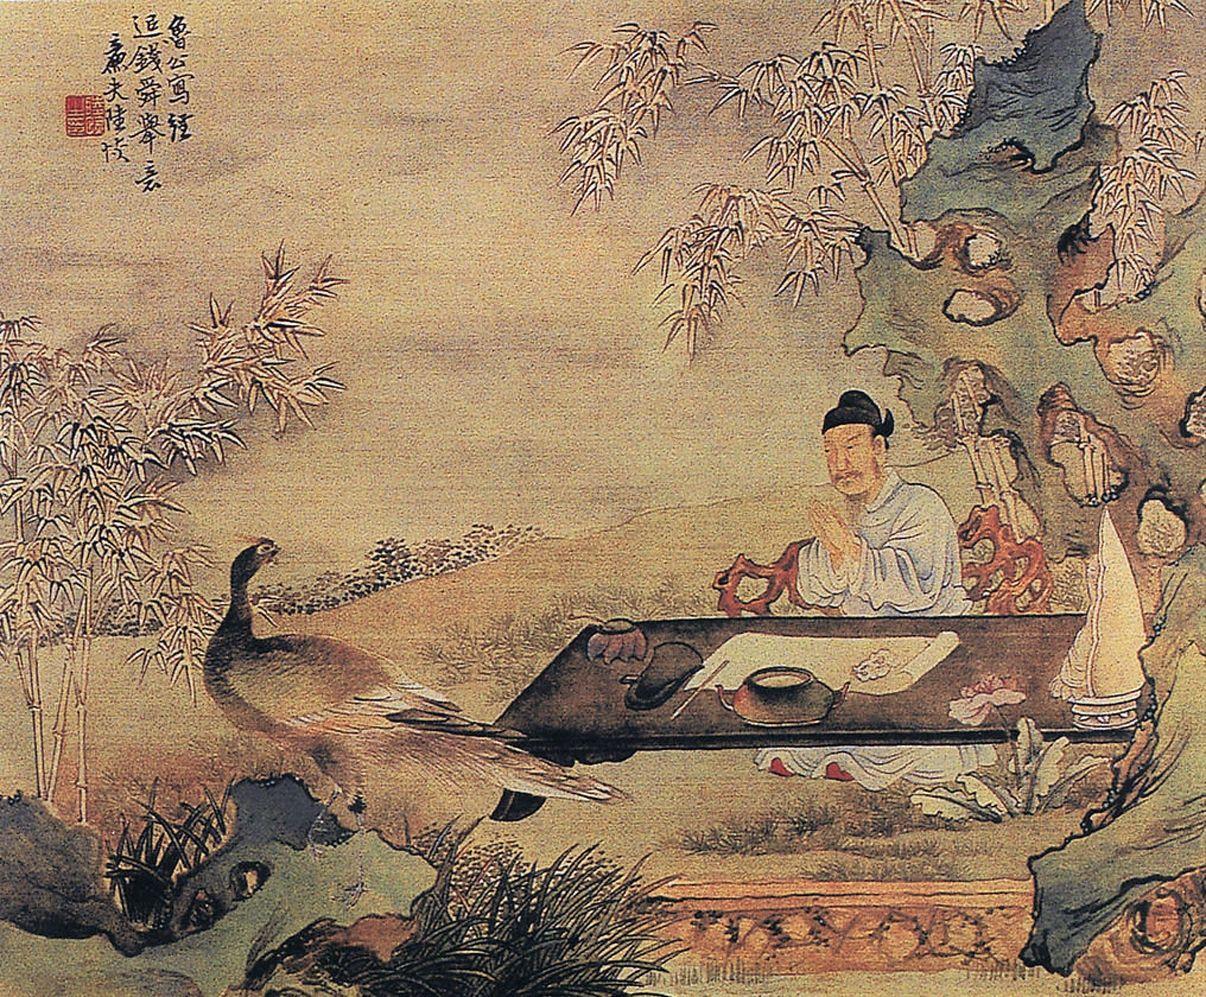 людей китайские картинки и сюжеты самым крупным